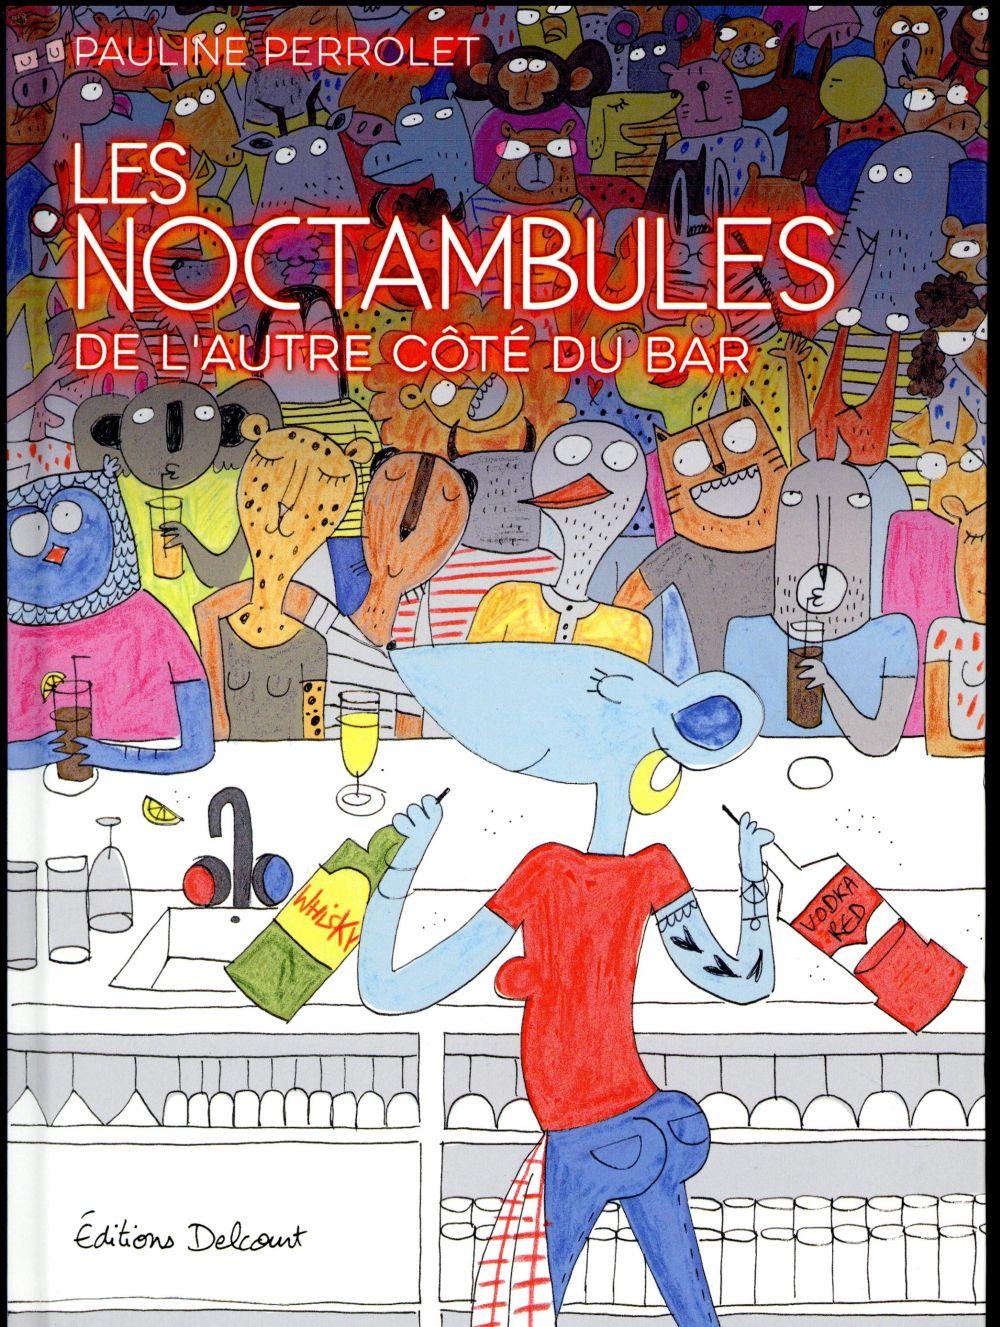 Les noctambules ; de l'autre côté du bar